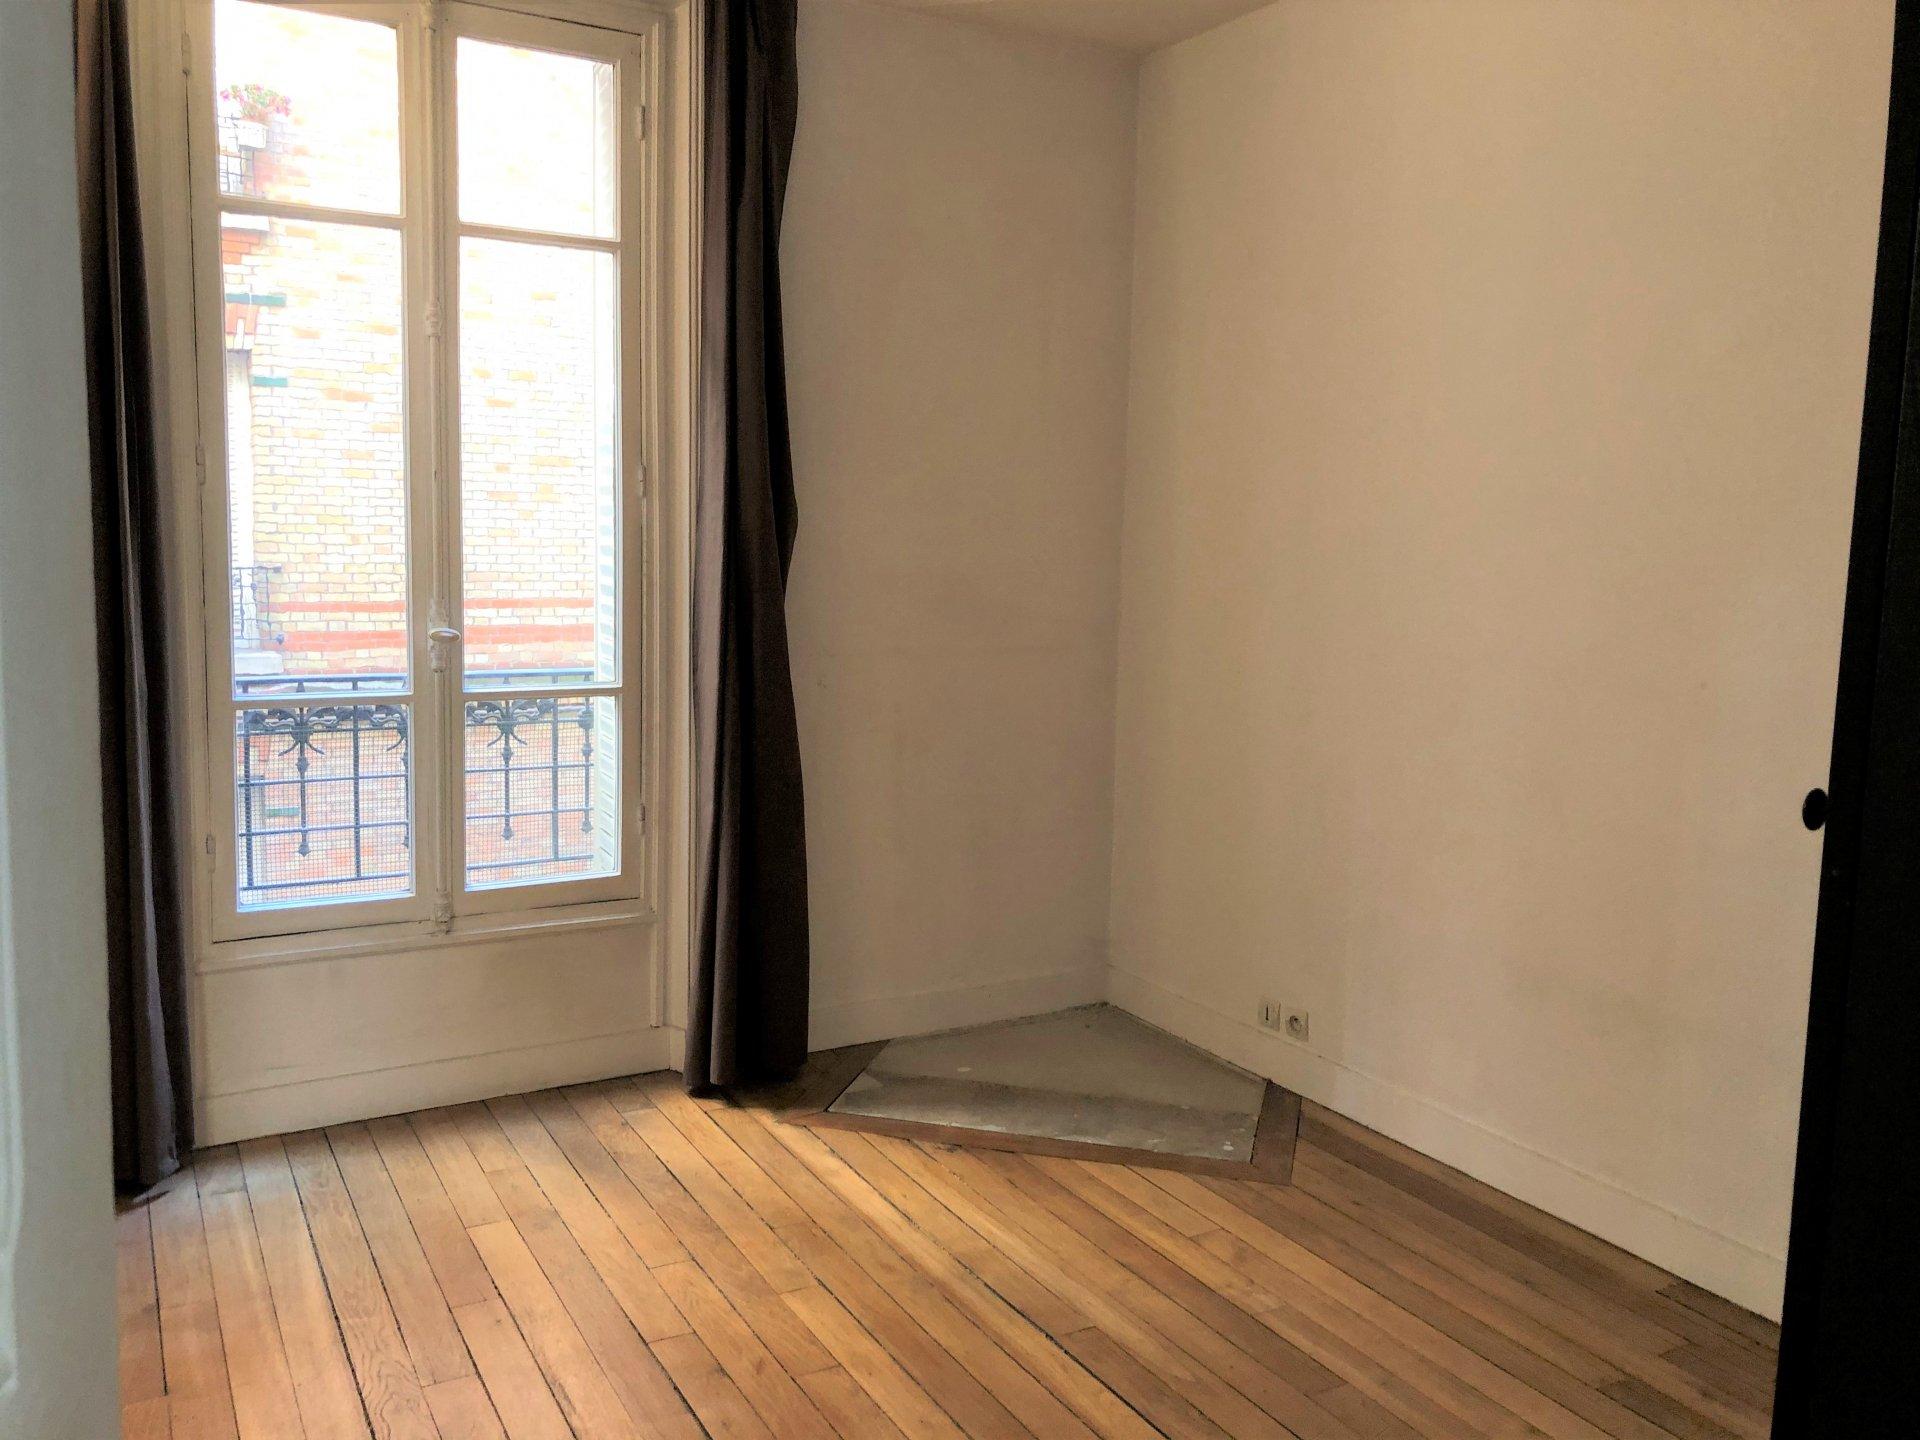 Grand Deux pièces de 52 m² rue A.Briand à Levallois